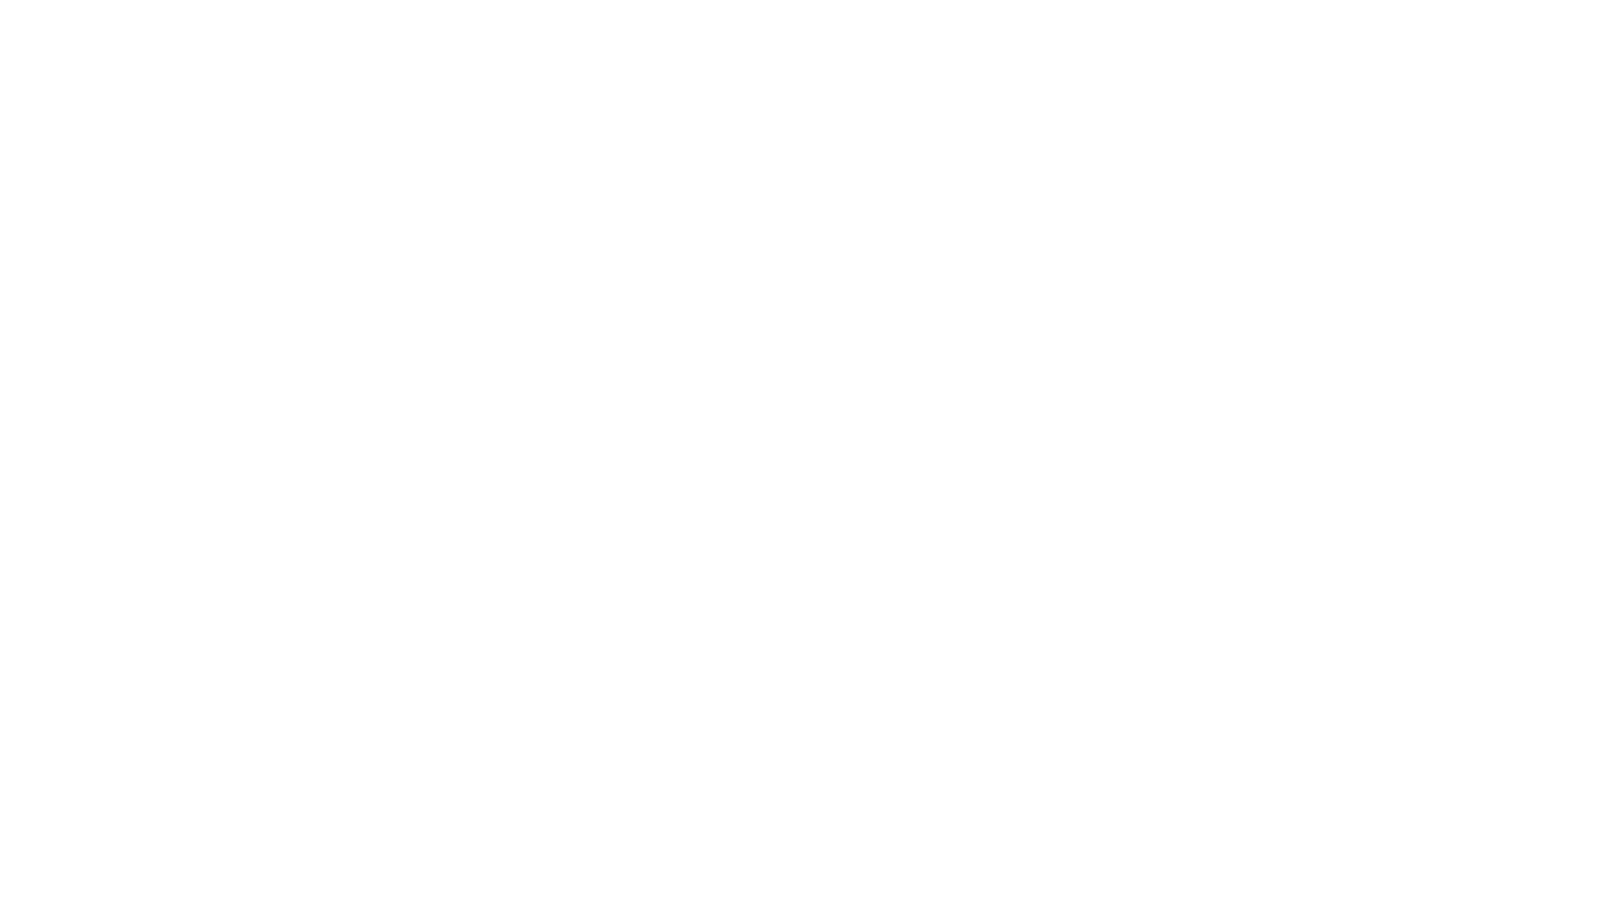 O que fazer em Ouro Preto, Minas Gerais!   OURO PRETO É NOSSA HISTÓRIA! A convite da #Embratur, conheci a linda cidade de Ouro Preto, Minas Gerais!  Viajar a Ouro Preto foi importantíssimo para entender ainda mais sobre a história do #Brasil . Aqui aconteceu o Ciclo do Ouro, que atraiu centenas de bandeirantes paulistas e fez a riqueza da região por quase um século.  Na Vila Rica, antigo nome de Ouro Preto, também aconteceu a Inconfidência Mineira, principal movimento de contestação à metrópole portuguesa.  A história de #OuroPreto está registrada em suas ruas, paredes, museus e neste vídeo eu mostro parte desta história em um tour de 1 dia.   Demais não é!? Aperte o play e vem comigo descobrir O que fazer em Ouro Preto, Minas Gerais!   #ouropreto #minasgerais  #pracegover #pratodomundover Neste vídeo eu mostro minha viagem pela cidade de Ouro Preto. Estou de blusa vermelha escrito MINAS em branco e saia longa preta e mascara preta no rosto. Fez um dia ensolarado durante todo o dia.   --- INSCREVA-SE NO CANAL E ACOMPANHEM NOSSAS REDES SOCIAIS  ✩ Site: https://acordeiqueroviajar.com.br/ ✩ Instagram:  https://www.instagram.com/acordeiquer...  Viaje comigo - próximas expedições: https://acordeiqueroviajar.com.br/exp...   O Acordei, quero viajar é um projeto de viagem e turismo desenvolvido por Camila Castanheira que tem como missão transmitir a cultura, arte e diversidade no mundo por meio de viagens!